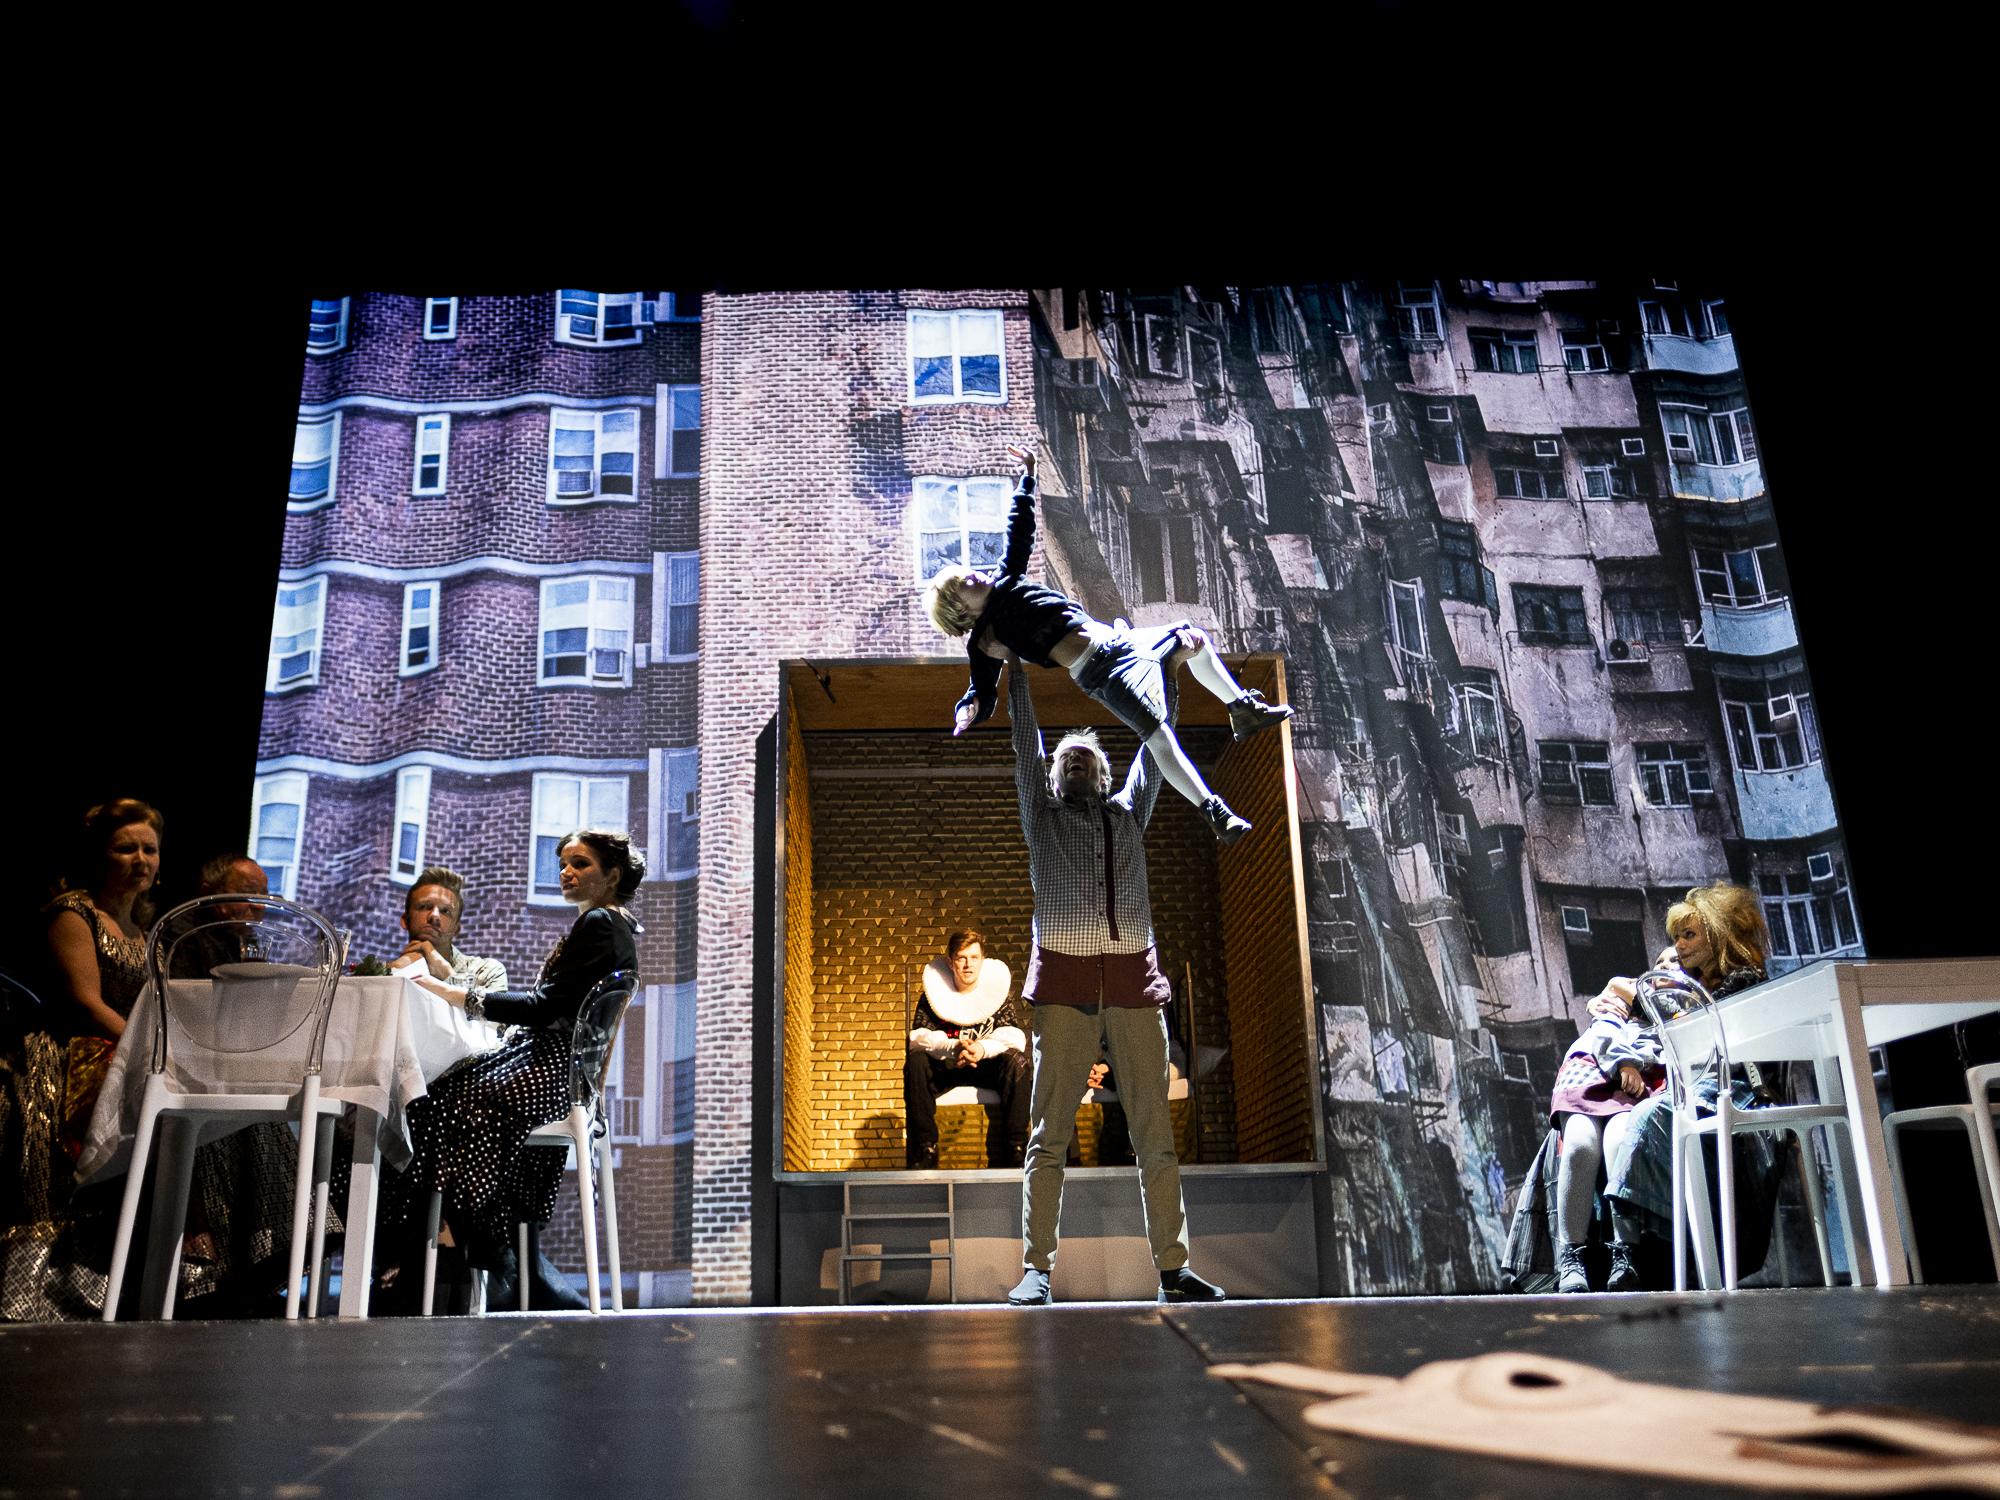 Zdjęcie ze spektaklu. Mężczyzna unosi dziecko, obok przy stolikach siedzą postaci.